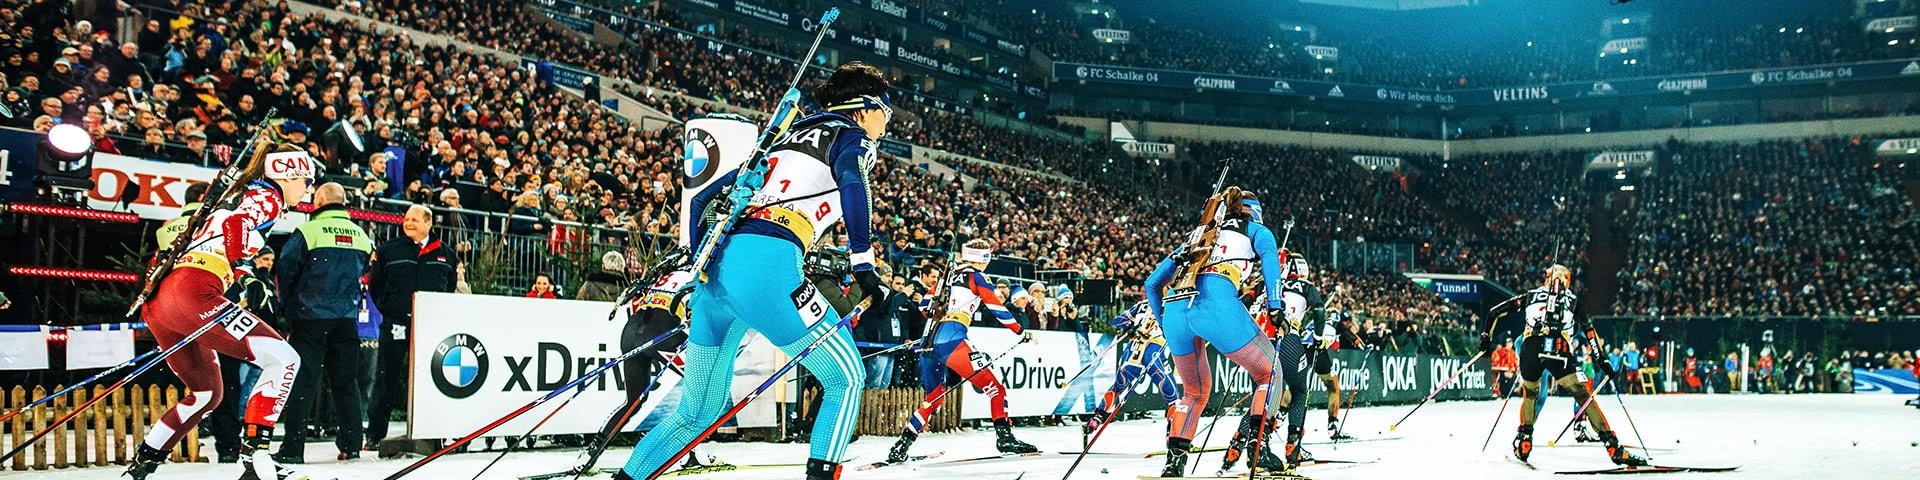 Biathlon-Läufer in Action in der Veltins-Arena